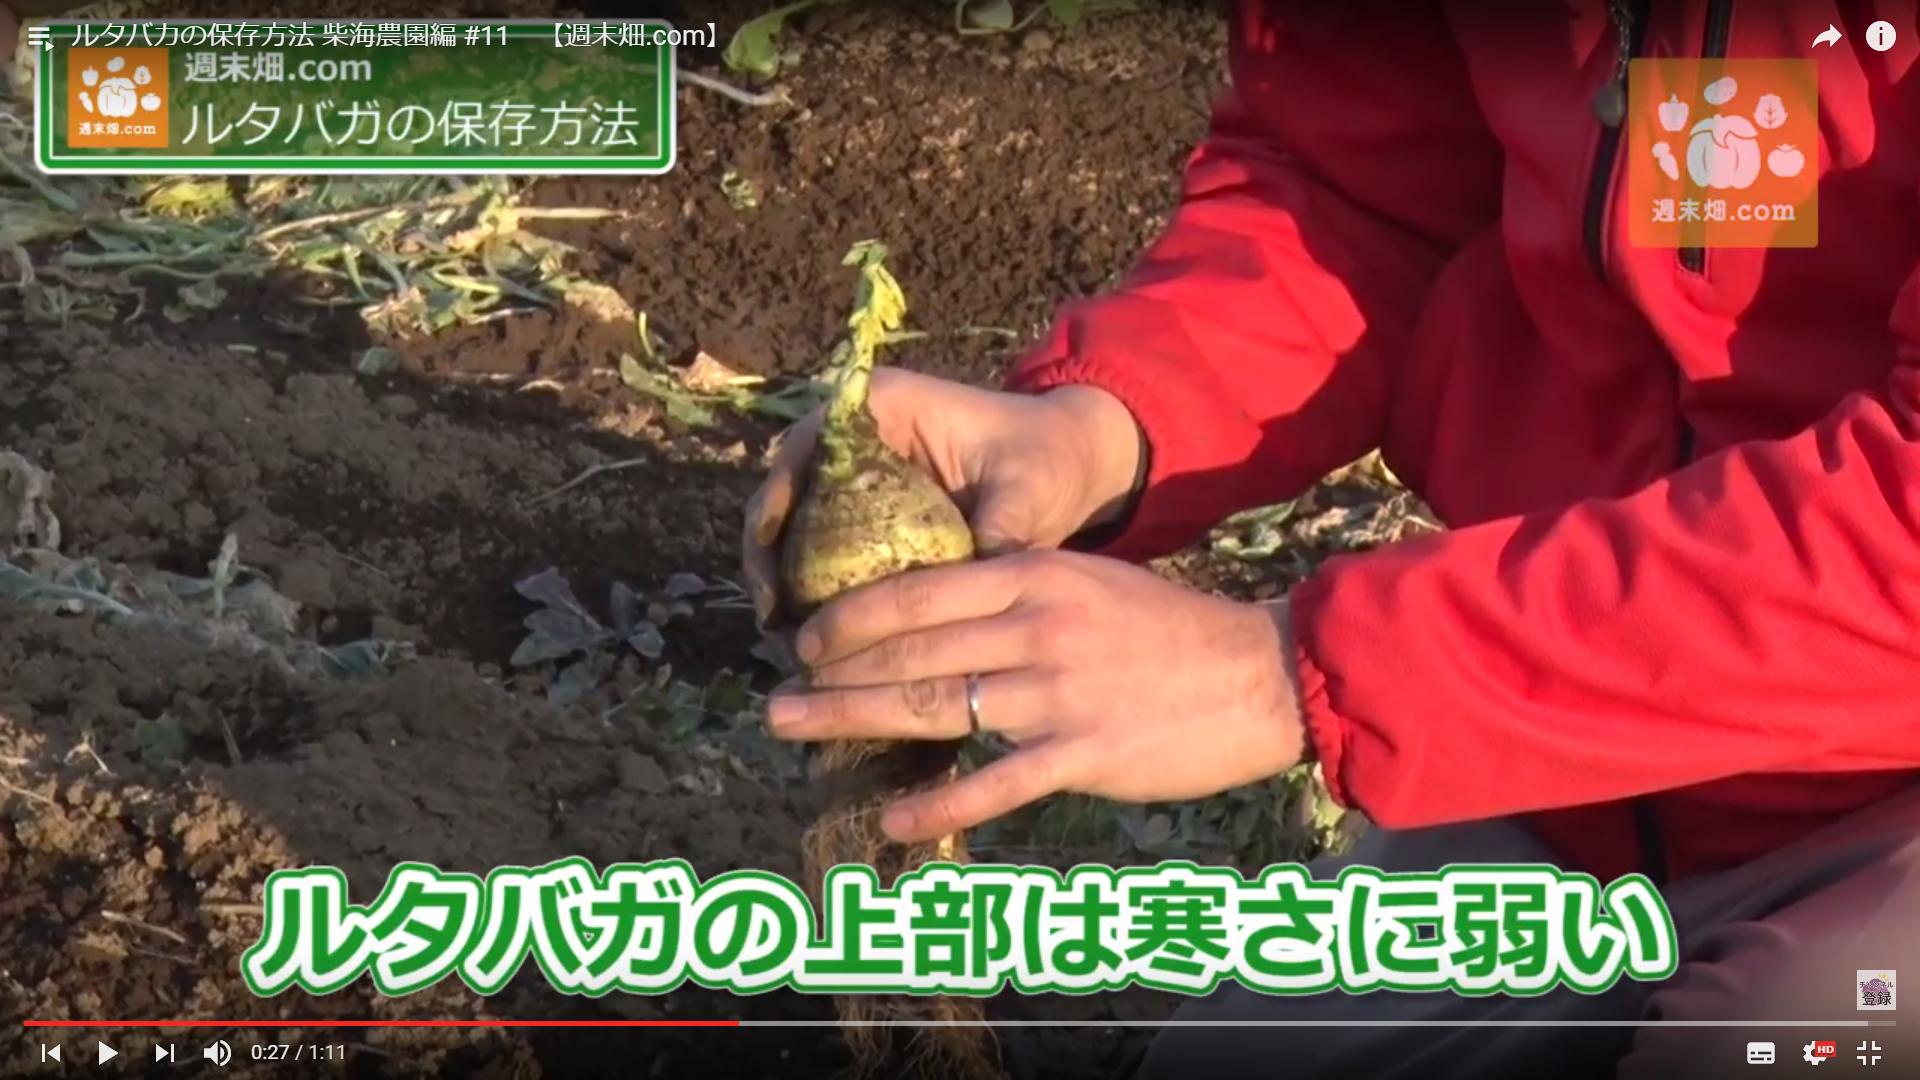 収穫時半分以上土から出ているため寒さに弱い